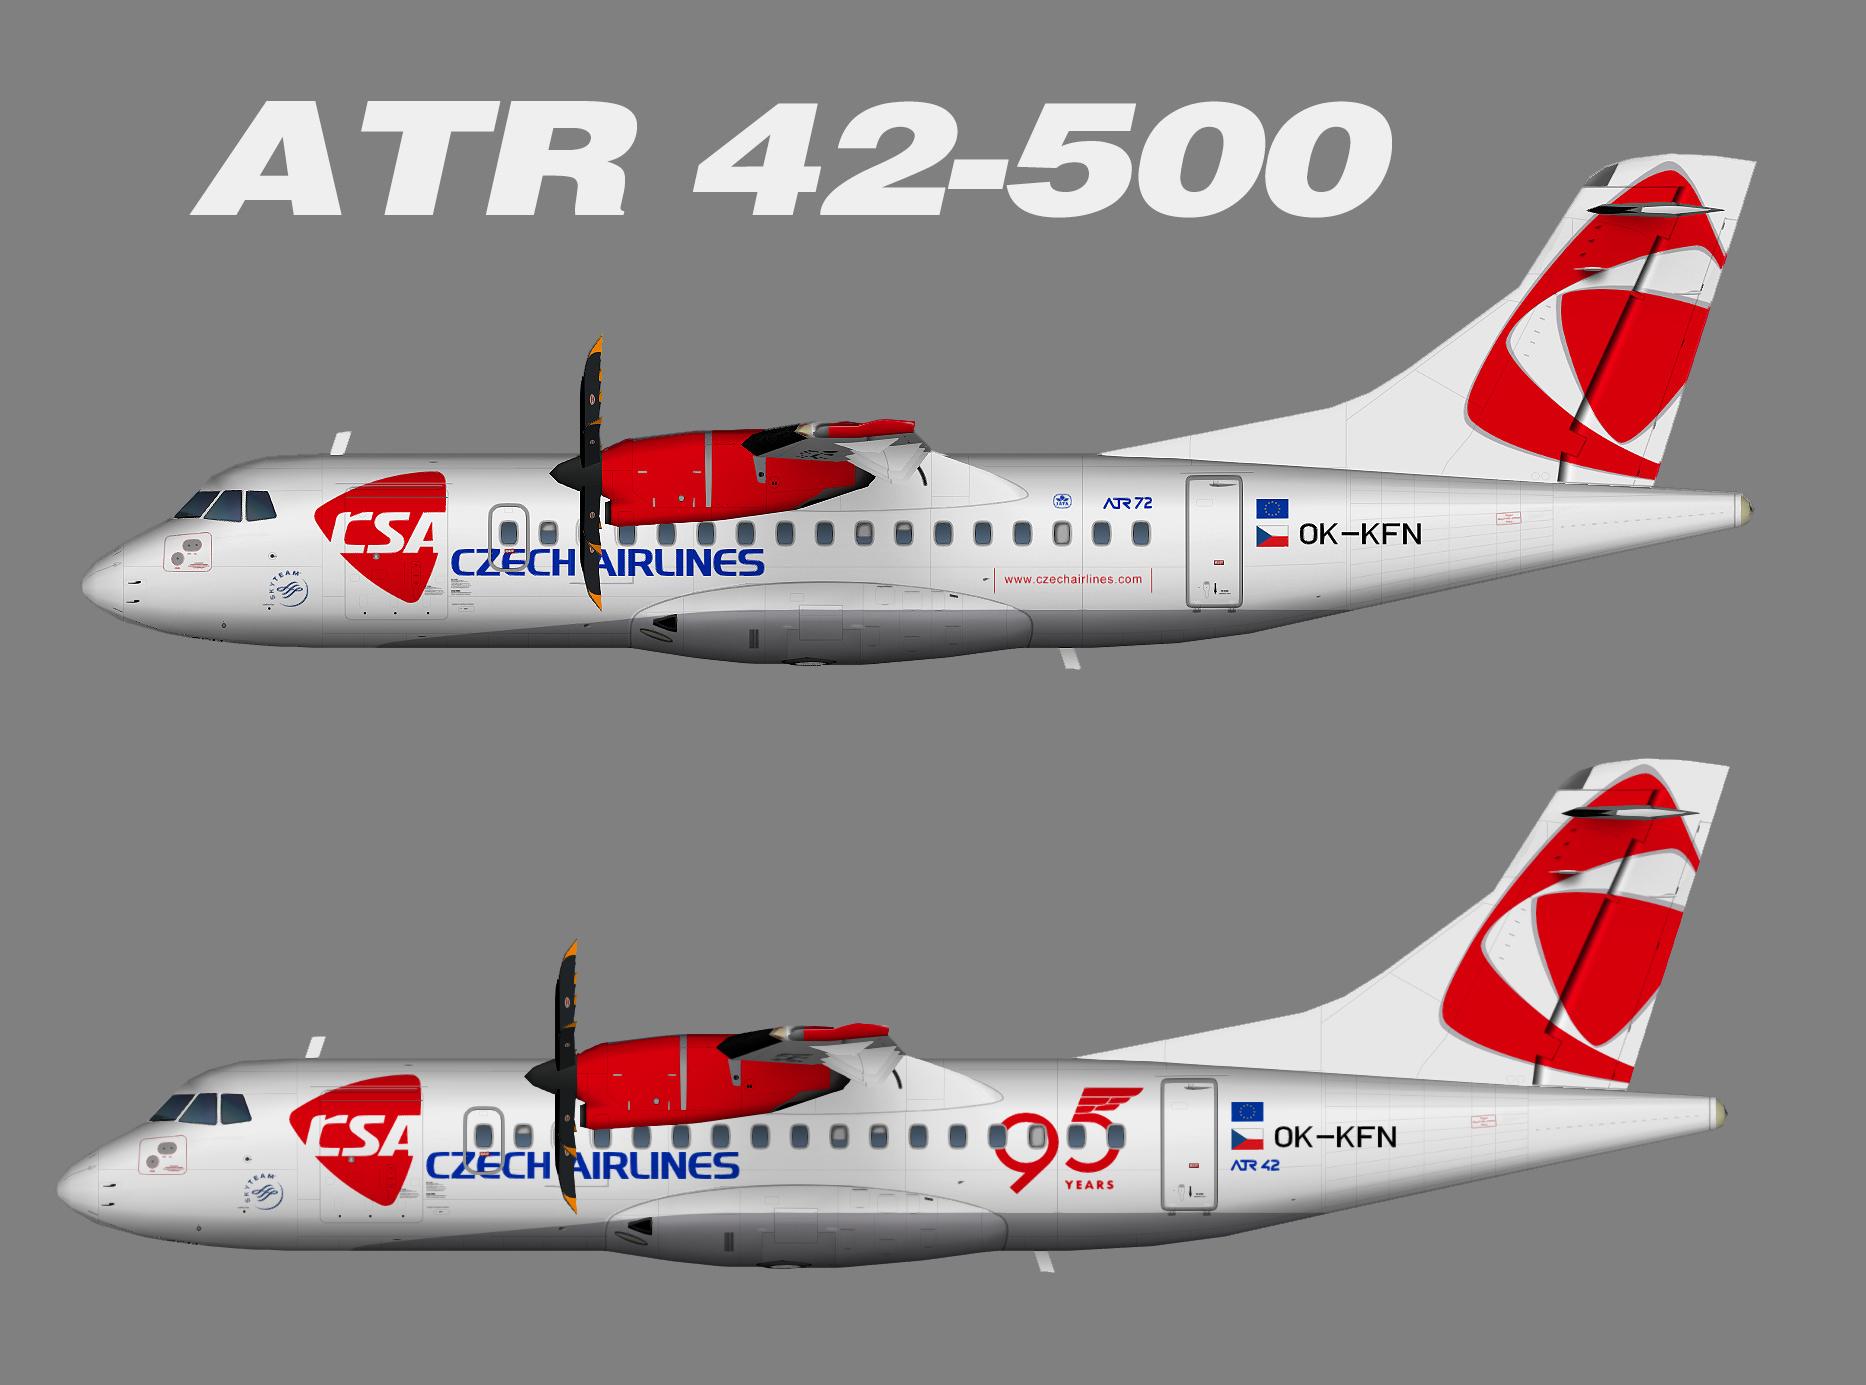 CSA Czech Airlines ATR 42-500